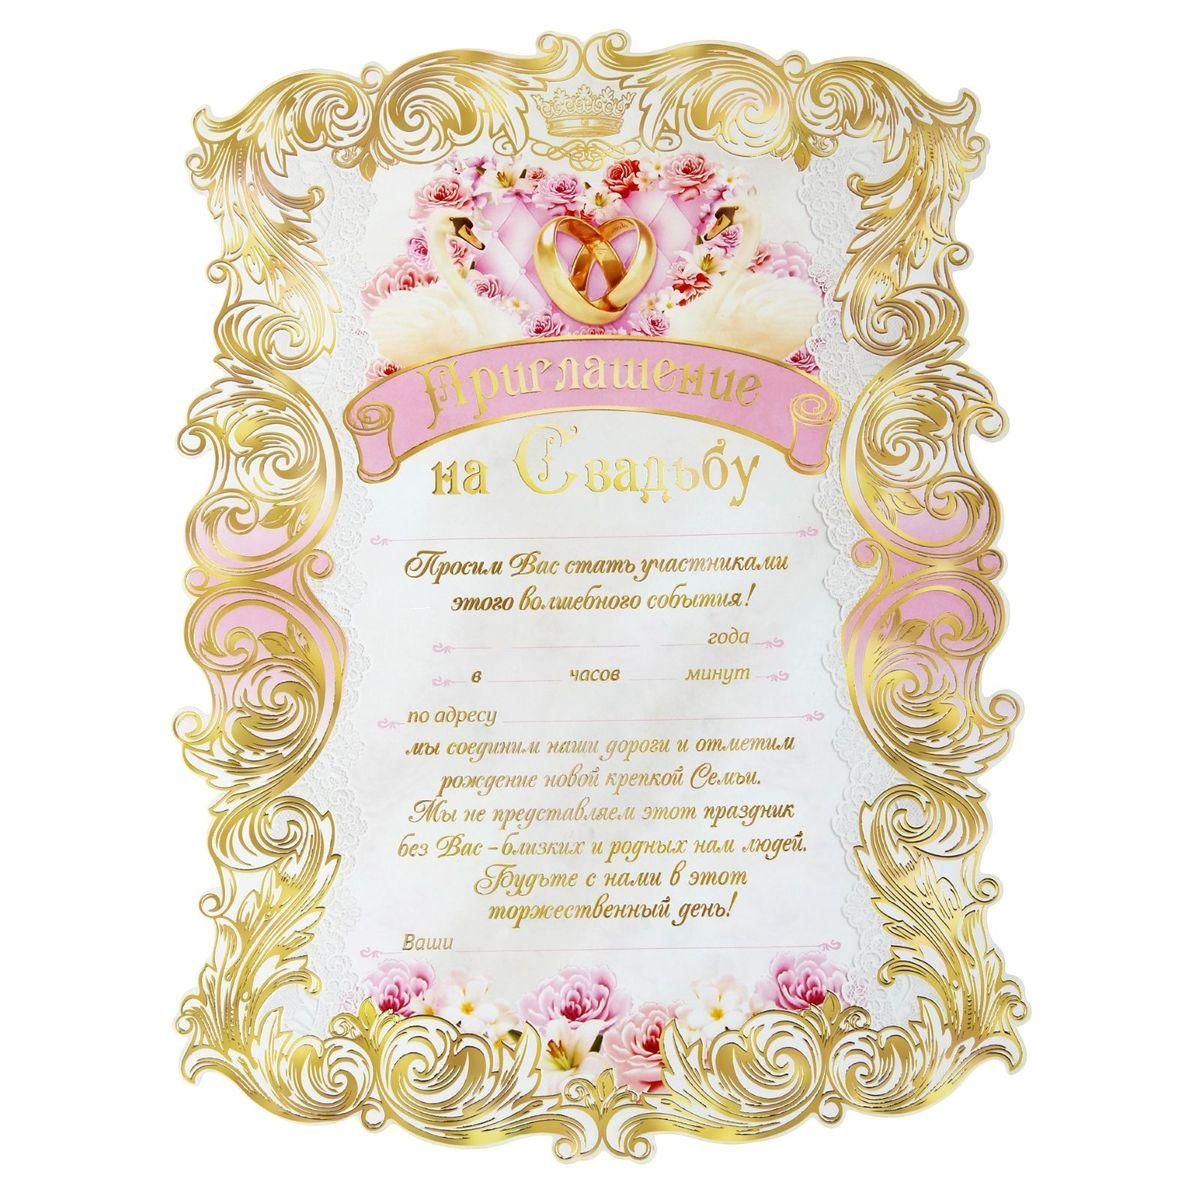 Свадебные приглашения-свитки Sima-land Лебеди, 0,2 x 17,4 x 24,2 смБрелок для ключейТрадиции свадебного обряда уходят корнями в далекое прошлое, когда многие важные документы, приказы, указы, послания передавались в форме свитков. Добавить оригинальность и показать верность традициям поможет свадебное приглашение-свиток Лебеди. Разработанное дизайнерами специально для вашей свадебной церемонии приглашение подчеркнёт важность торжества.Изделие имеет неповторимую резную форму. В комплект входит милая ленточка с сердцем. Нежные цвета, традиционные свадебные мотивы и орнамент подойдут к любому стилю, в котором планируется оформить свадьбу. Внутри свитка — текст приглашения с тёплыми словами для адресата. Дизайнеры продумали все детали. Вам остаётся заполнить необходимые строки и раздать гостям.Устройте незабываемую свадьбу!